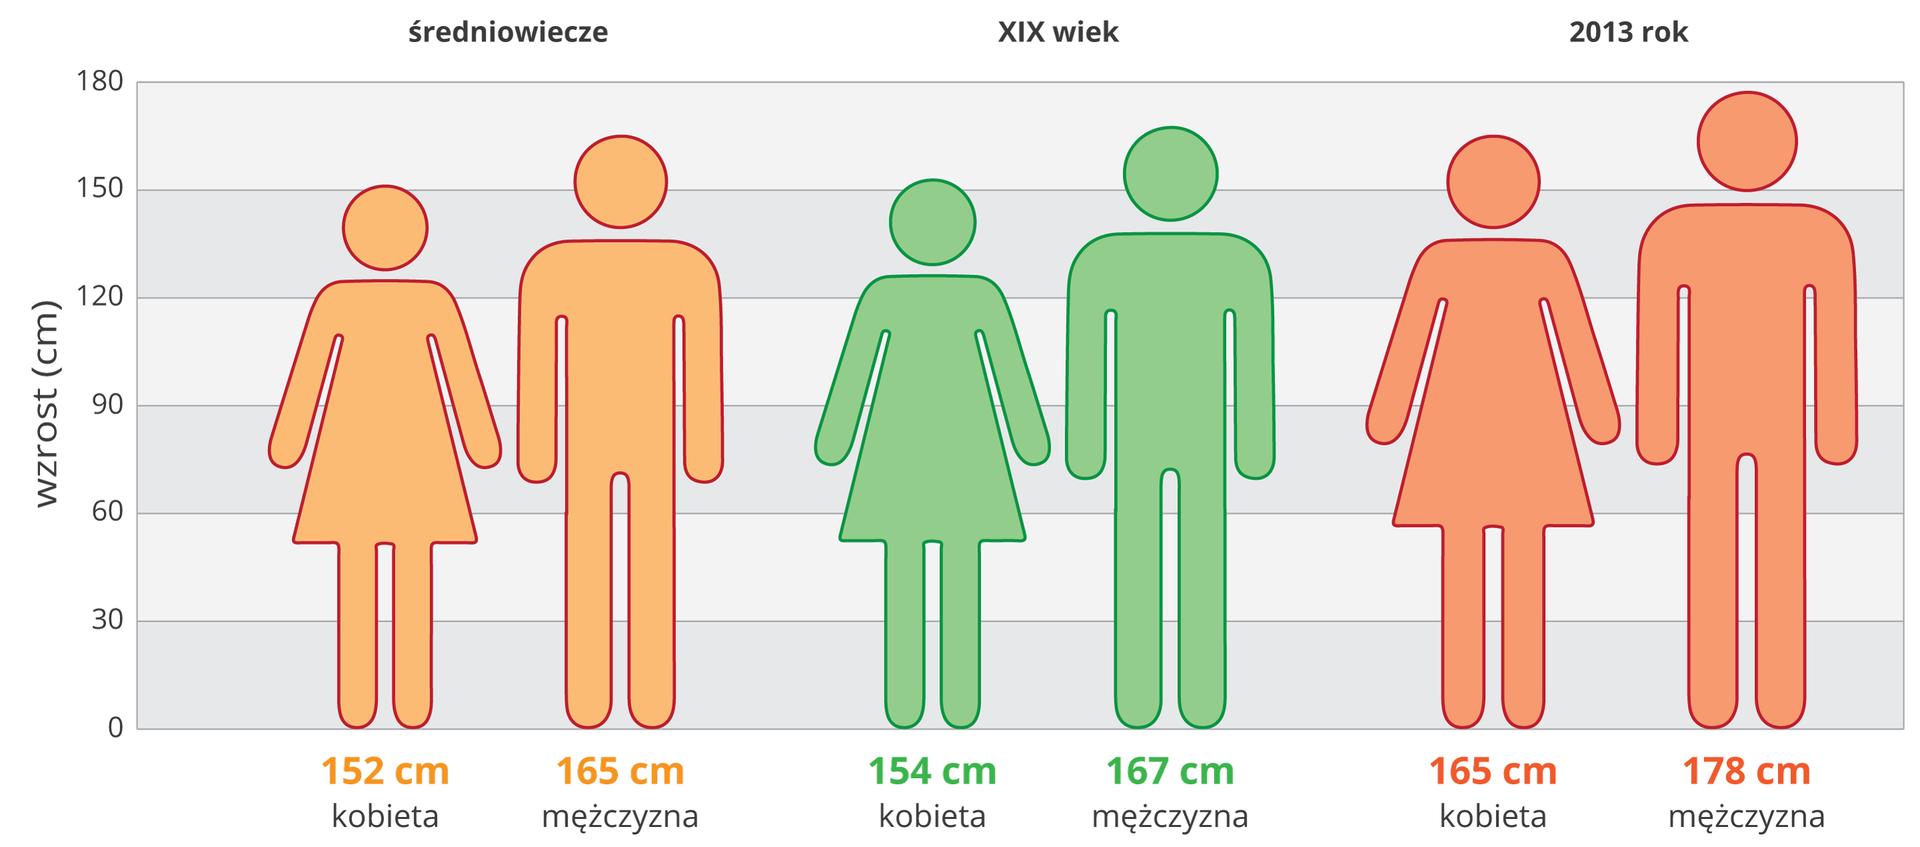 Ilustracja przestawia schematycznie porównanie wzrostu ludzi wróżnych wiekach. Diagram ma szare ibiałe pasy, oszerokości 30cm, od 0 do 180cm. Podpisane zlewej wzrost wcentymetrach. Pomarańczowe sylwetki ludzi ze średniowiecza. Kobieta 152 cm, mężczyzna 165 cm. Zielone sylwetki ludzi zdziewiętnastego wieku. Kobieta wzrost 154 cm, mężczyzna 167 cm. Czerwone sylwetki ludzi współczesnych, kobieta 165 cm, mężczyzna 178 cm.